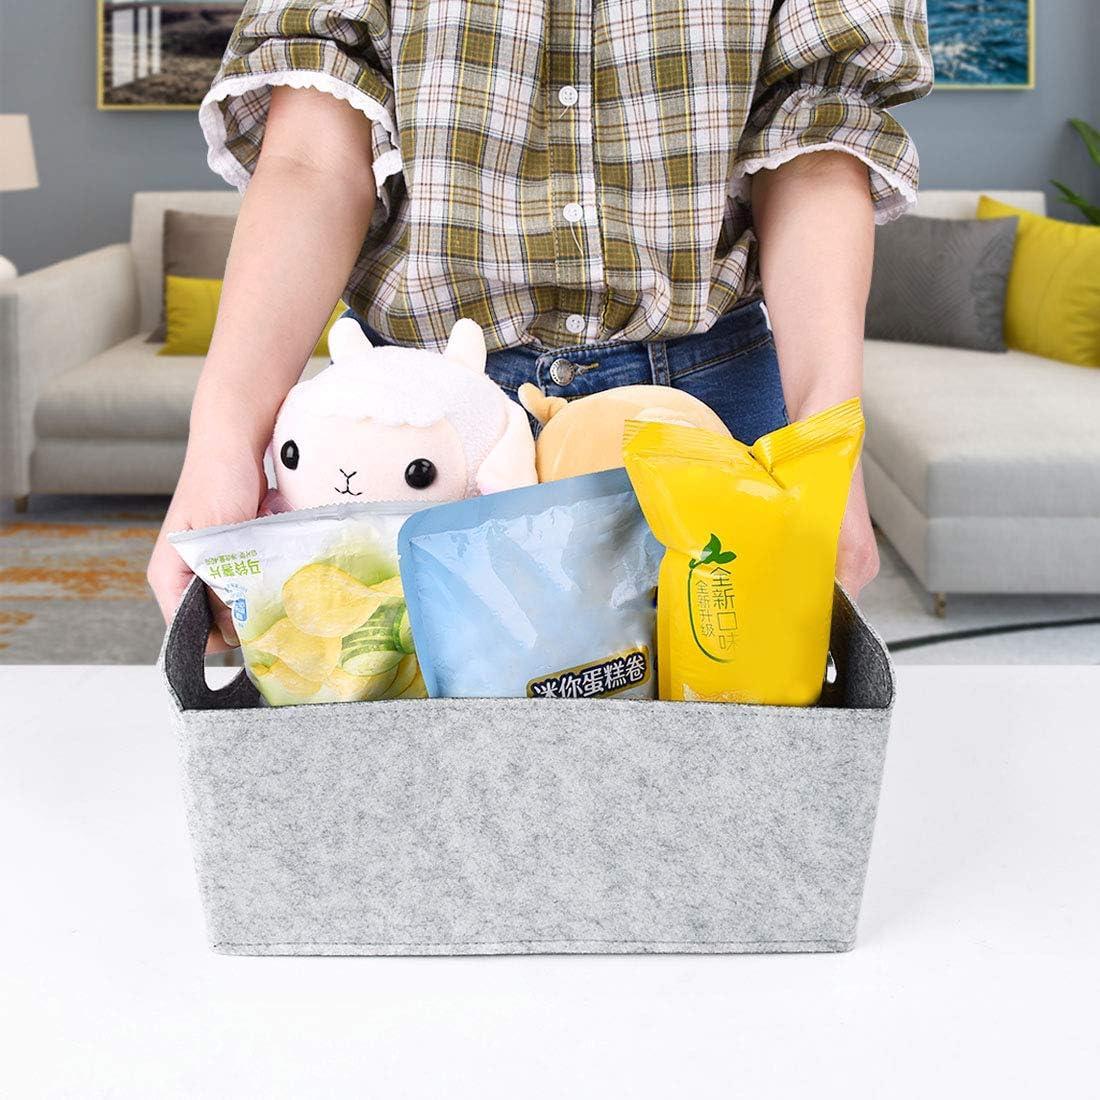 Nati Fieltro Cesta de Almacenamiento Plegable Caja de Almacenaje para Libro Revista Juguete Contenedor Sin Tapa Organizador con Asas para Beb/é Habitaci/ón 30x24x14.5cm 11.8x9.4x5.7inches